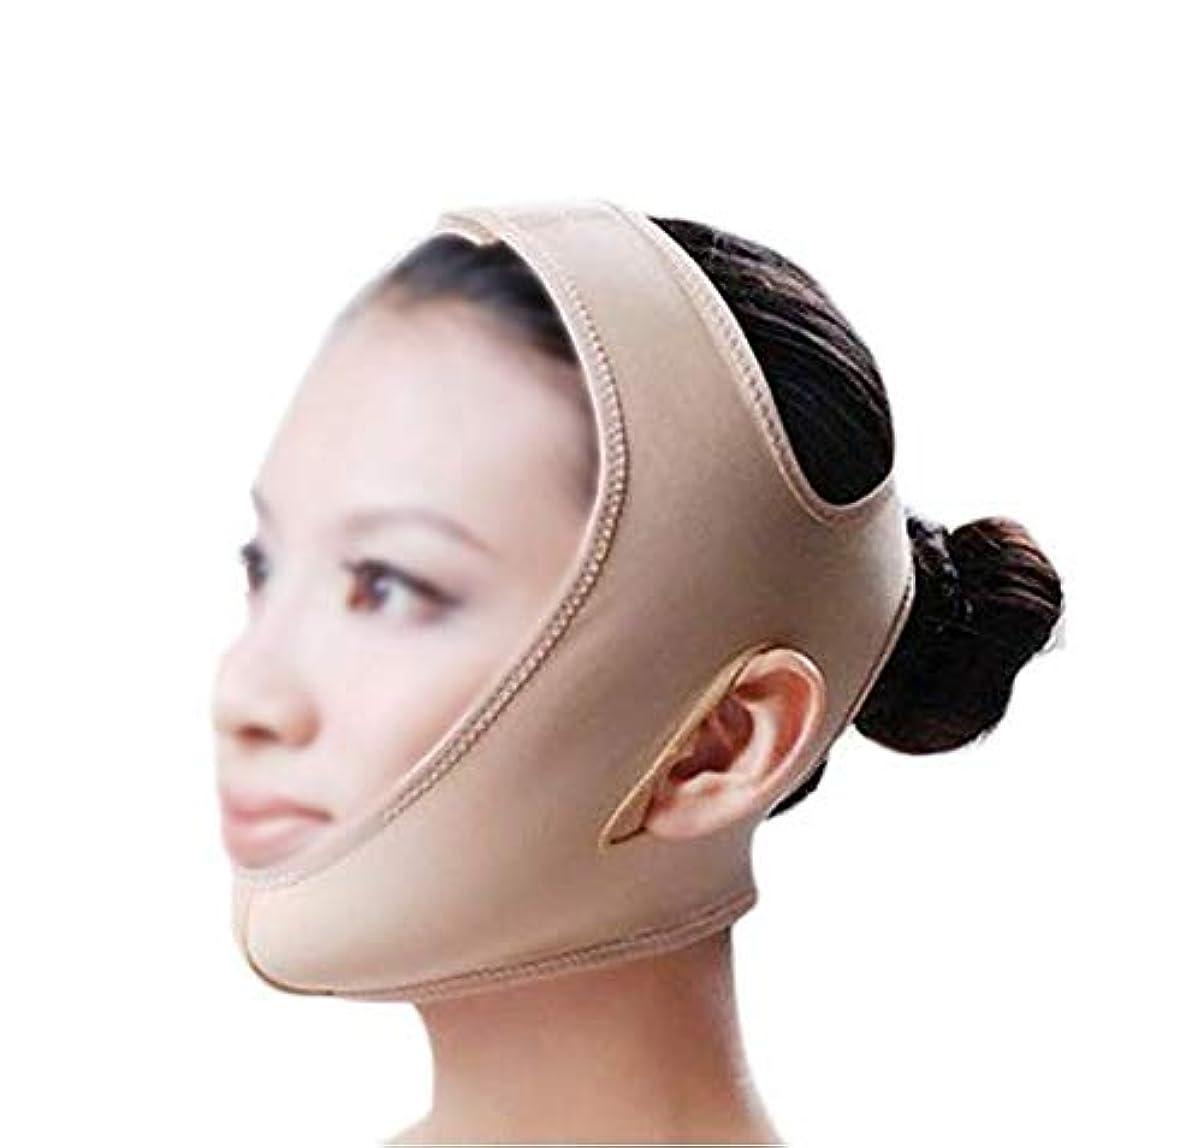 滅多バングペレグリネーションTLMY 引き締めマスクマスクフェイシャルマスク美容薬マスク美容V顔包帯ライン彫刻引き締めしっかりした二重あごマスク 顔用整形マスク (Size : S)